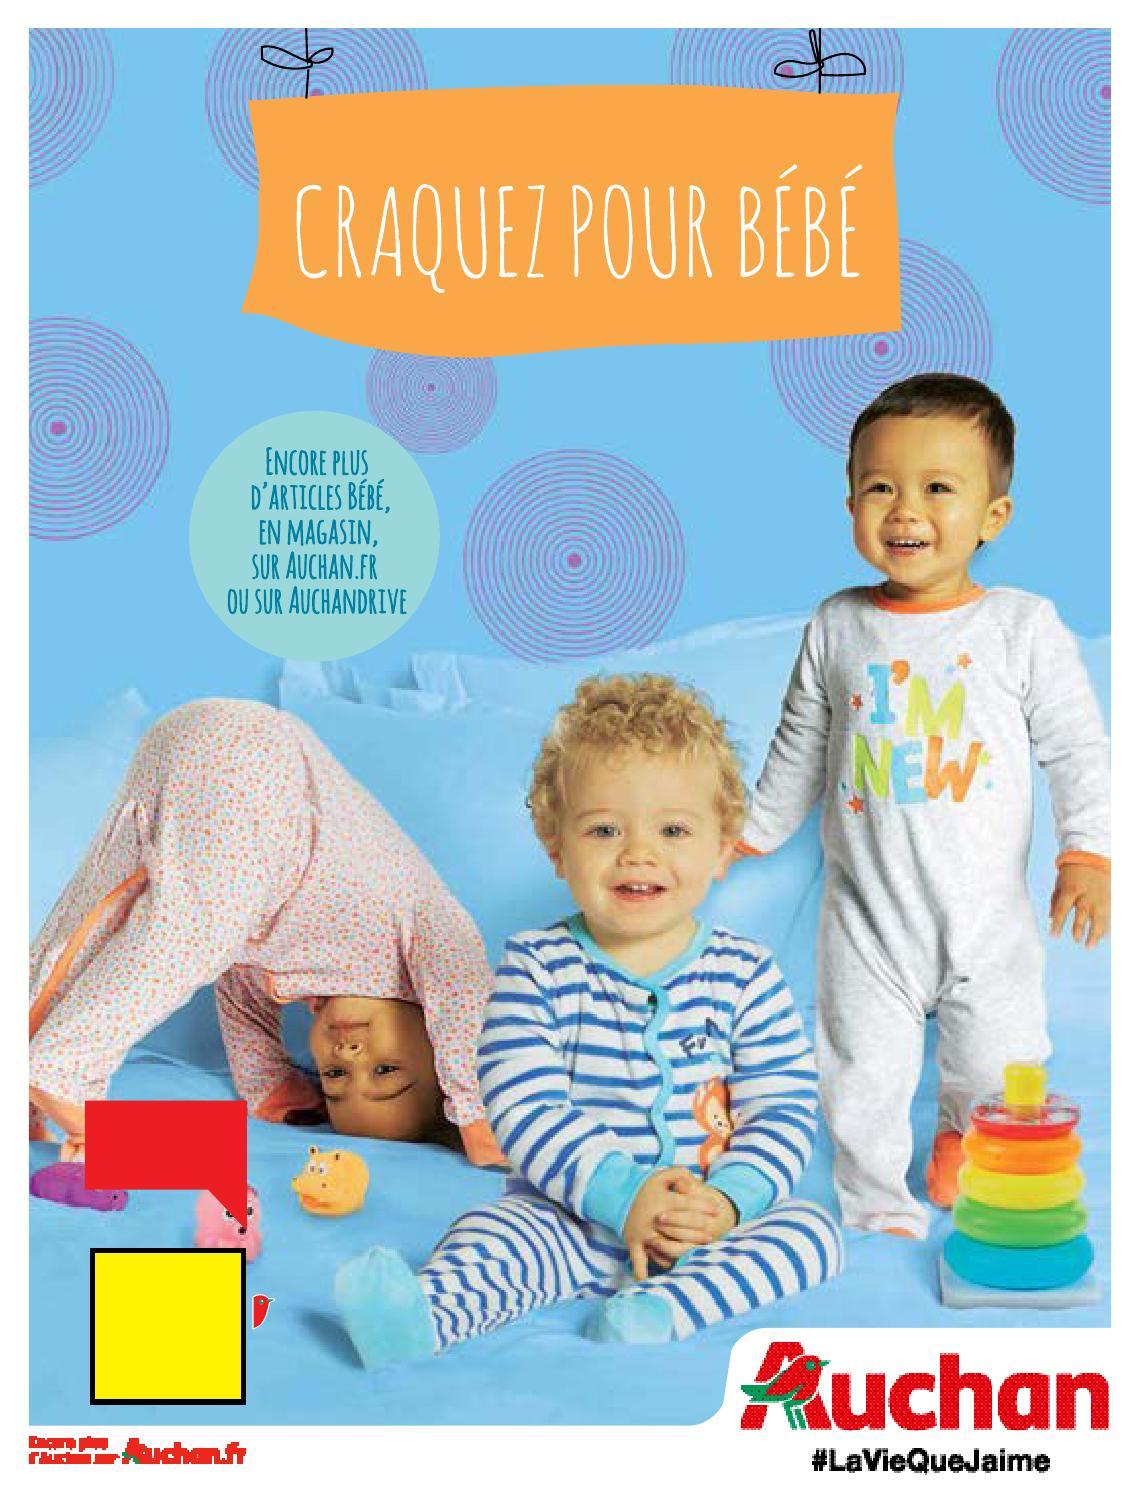 6d28de07969e4 Catalogue Auchan spécial Bébé janvier 2016 by LSA conso - issuu